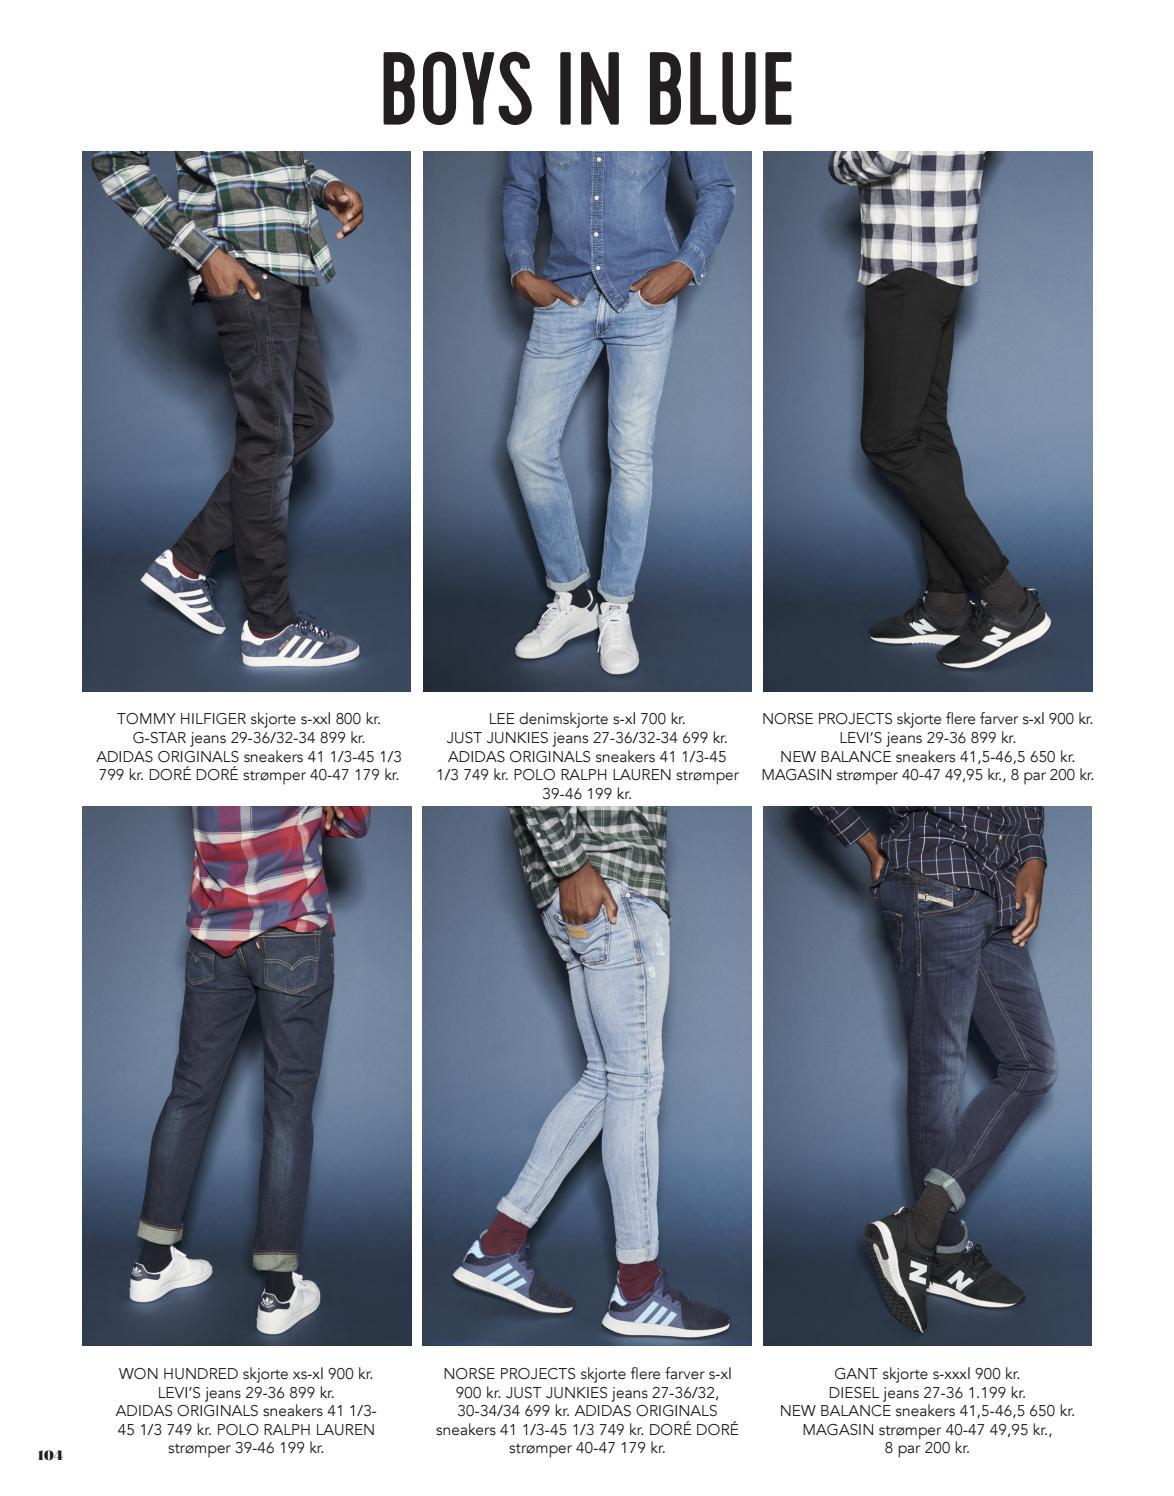 Stress95 online shop original sneakers & streetwear since 1995